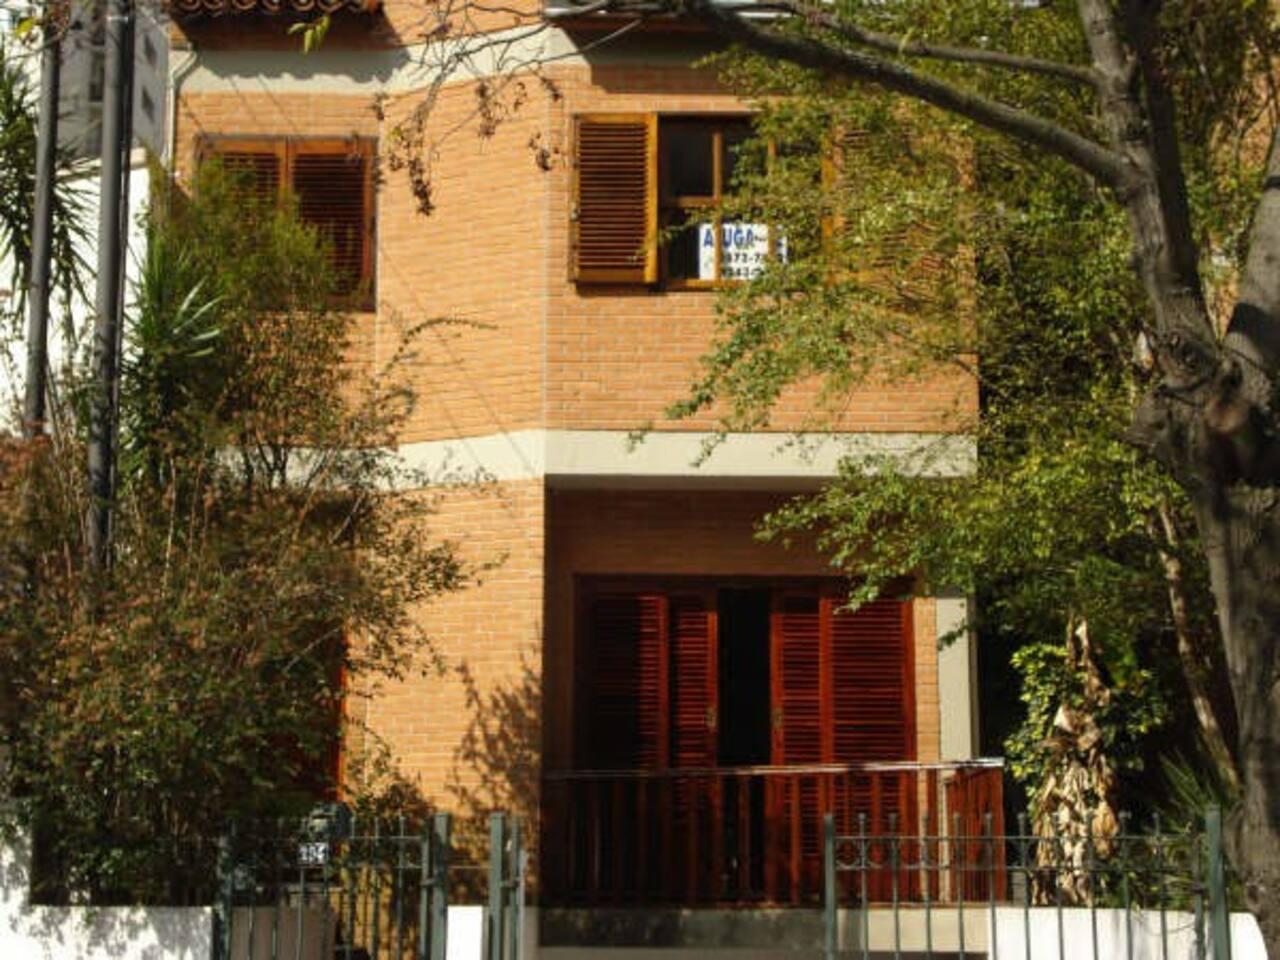 fachada da residencia